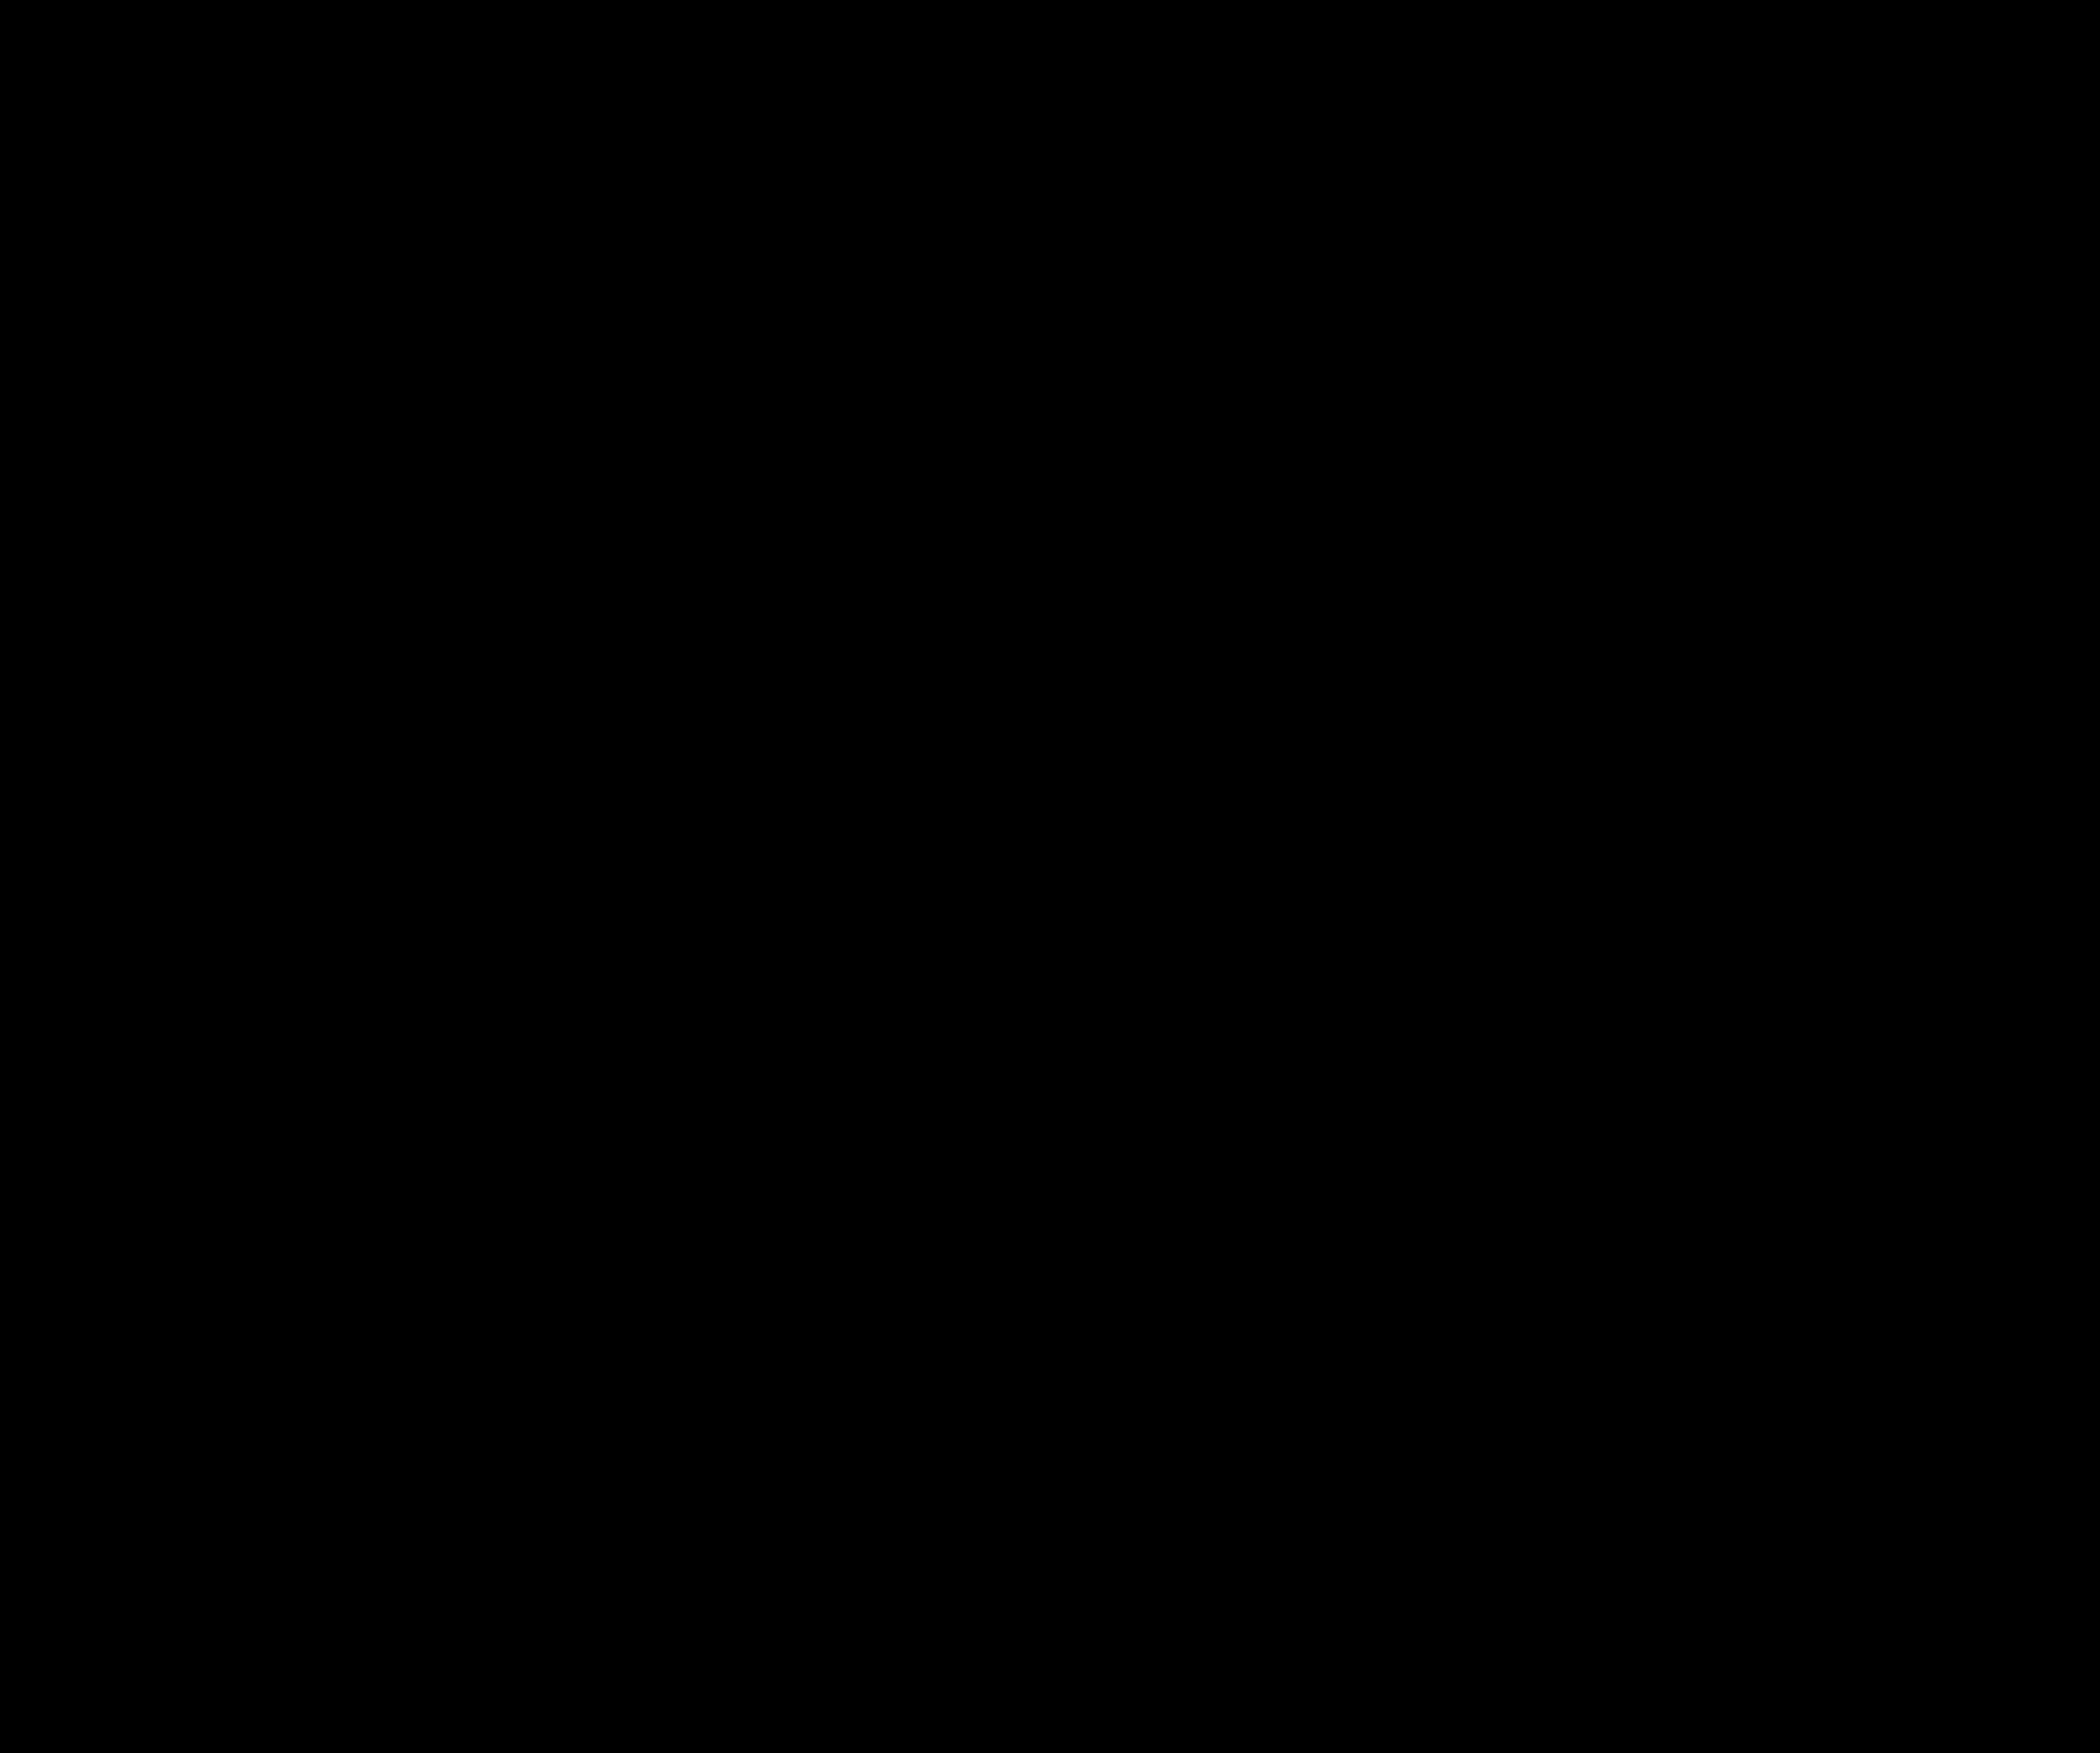 API-Driven E-Commerce